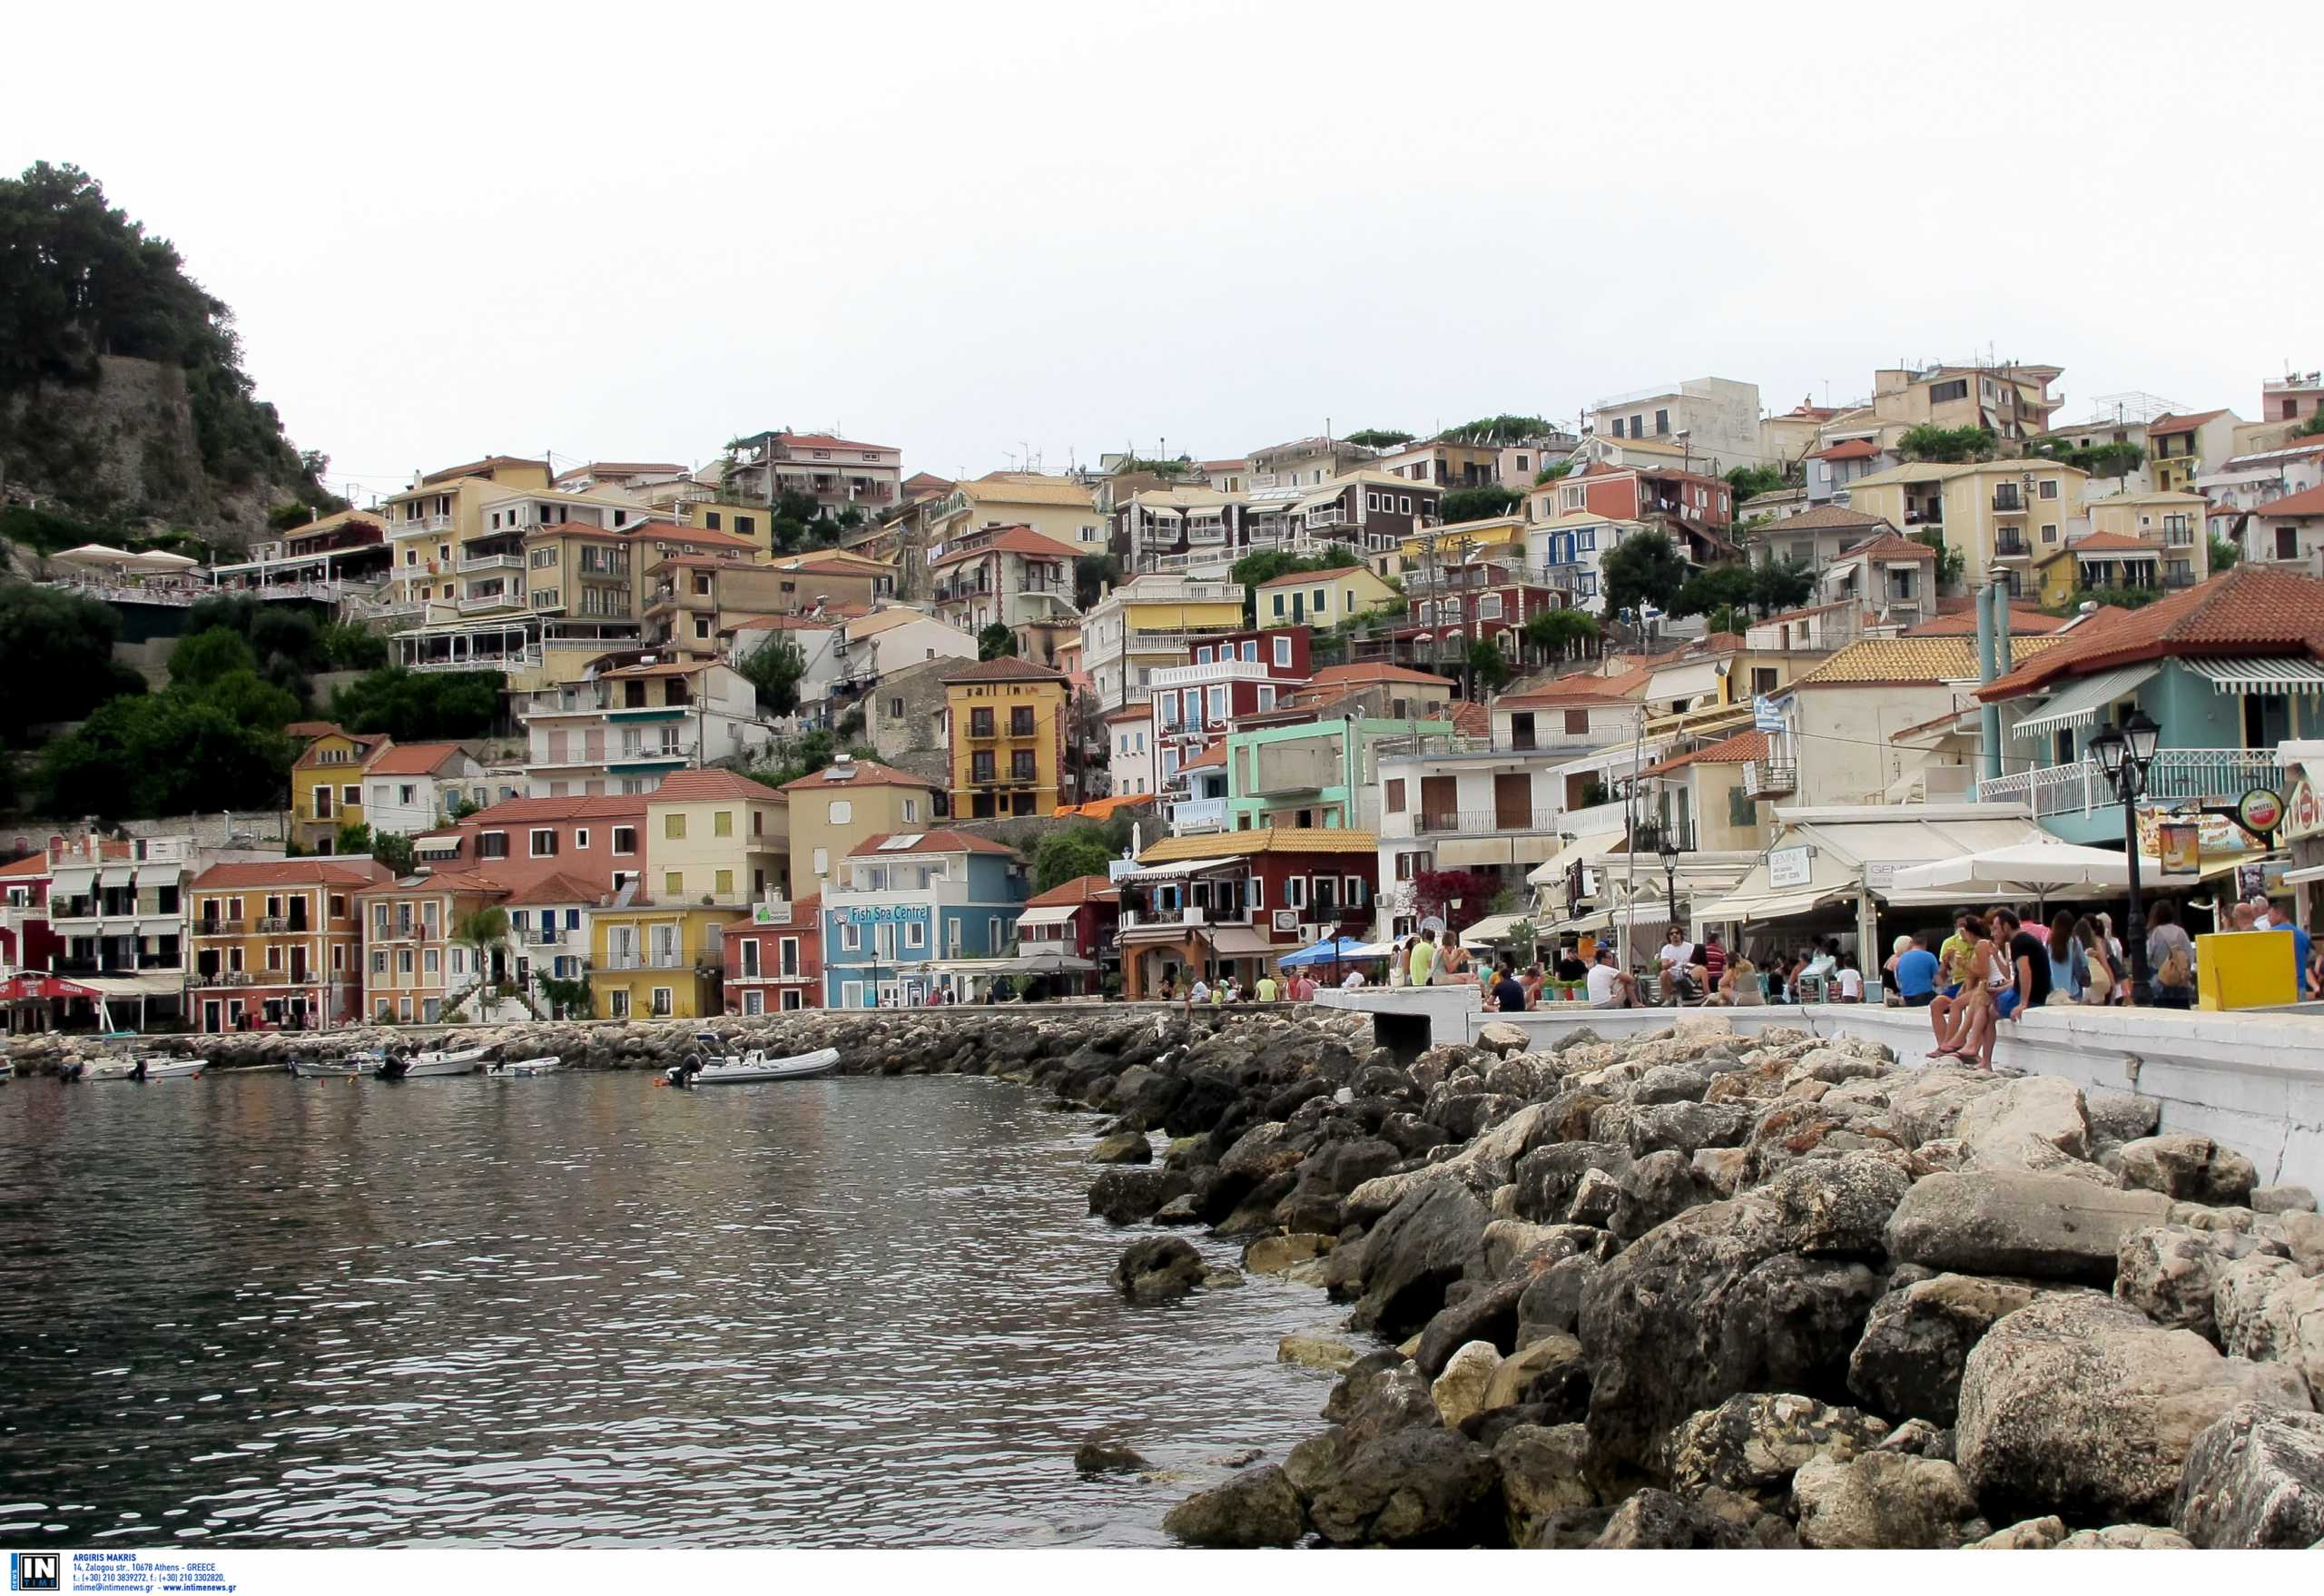 Η Πάργα στην κορυφή προτίμησης των Ελλήνων τουριστών